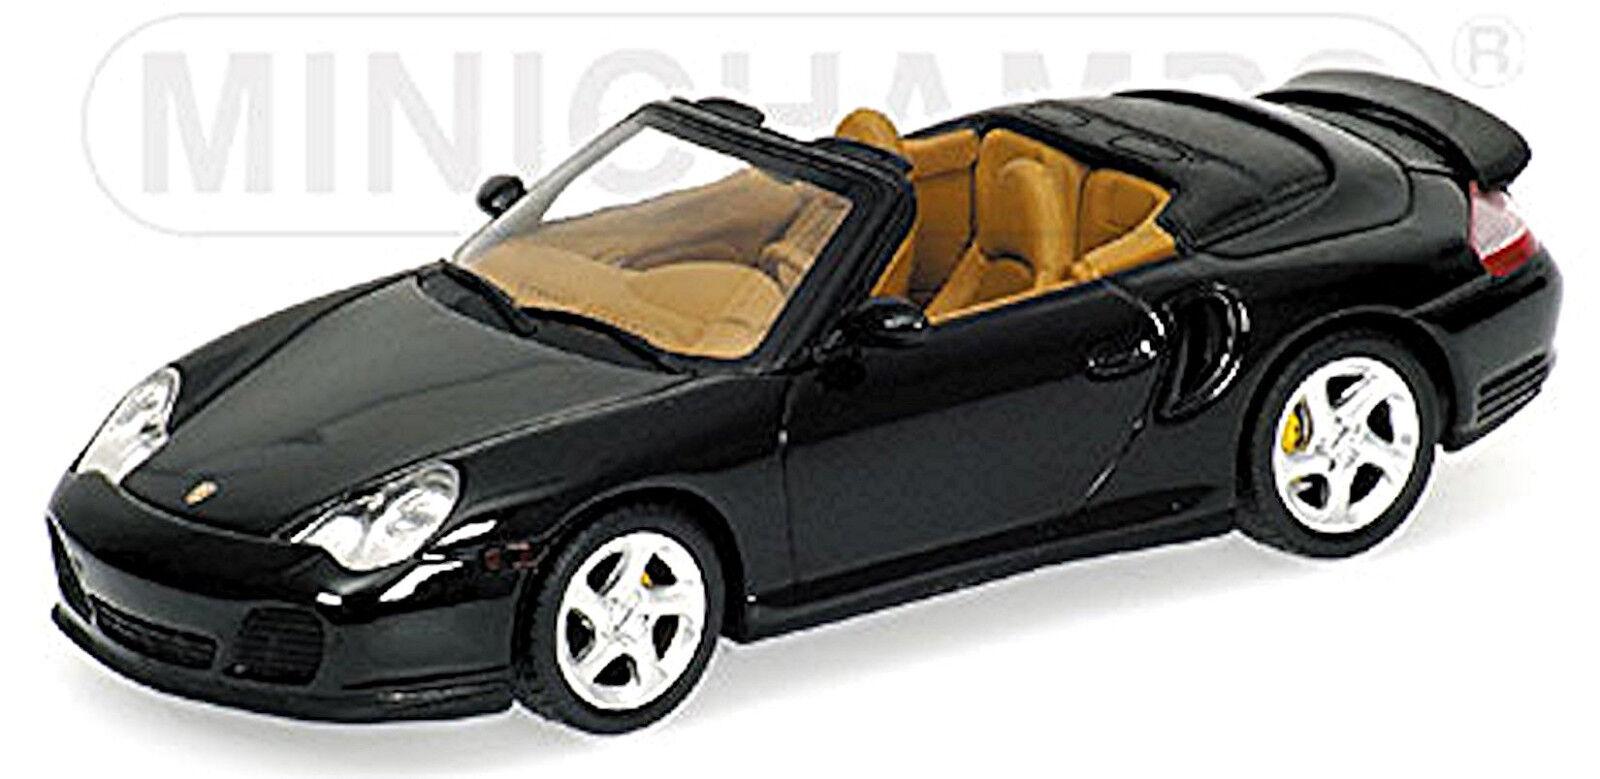 Porsche 911 Turbo Cabriolet typ 996 2000-06 dunkeloliv Vert vert Metallic 1 43